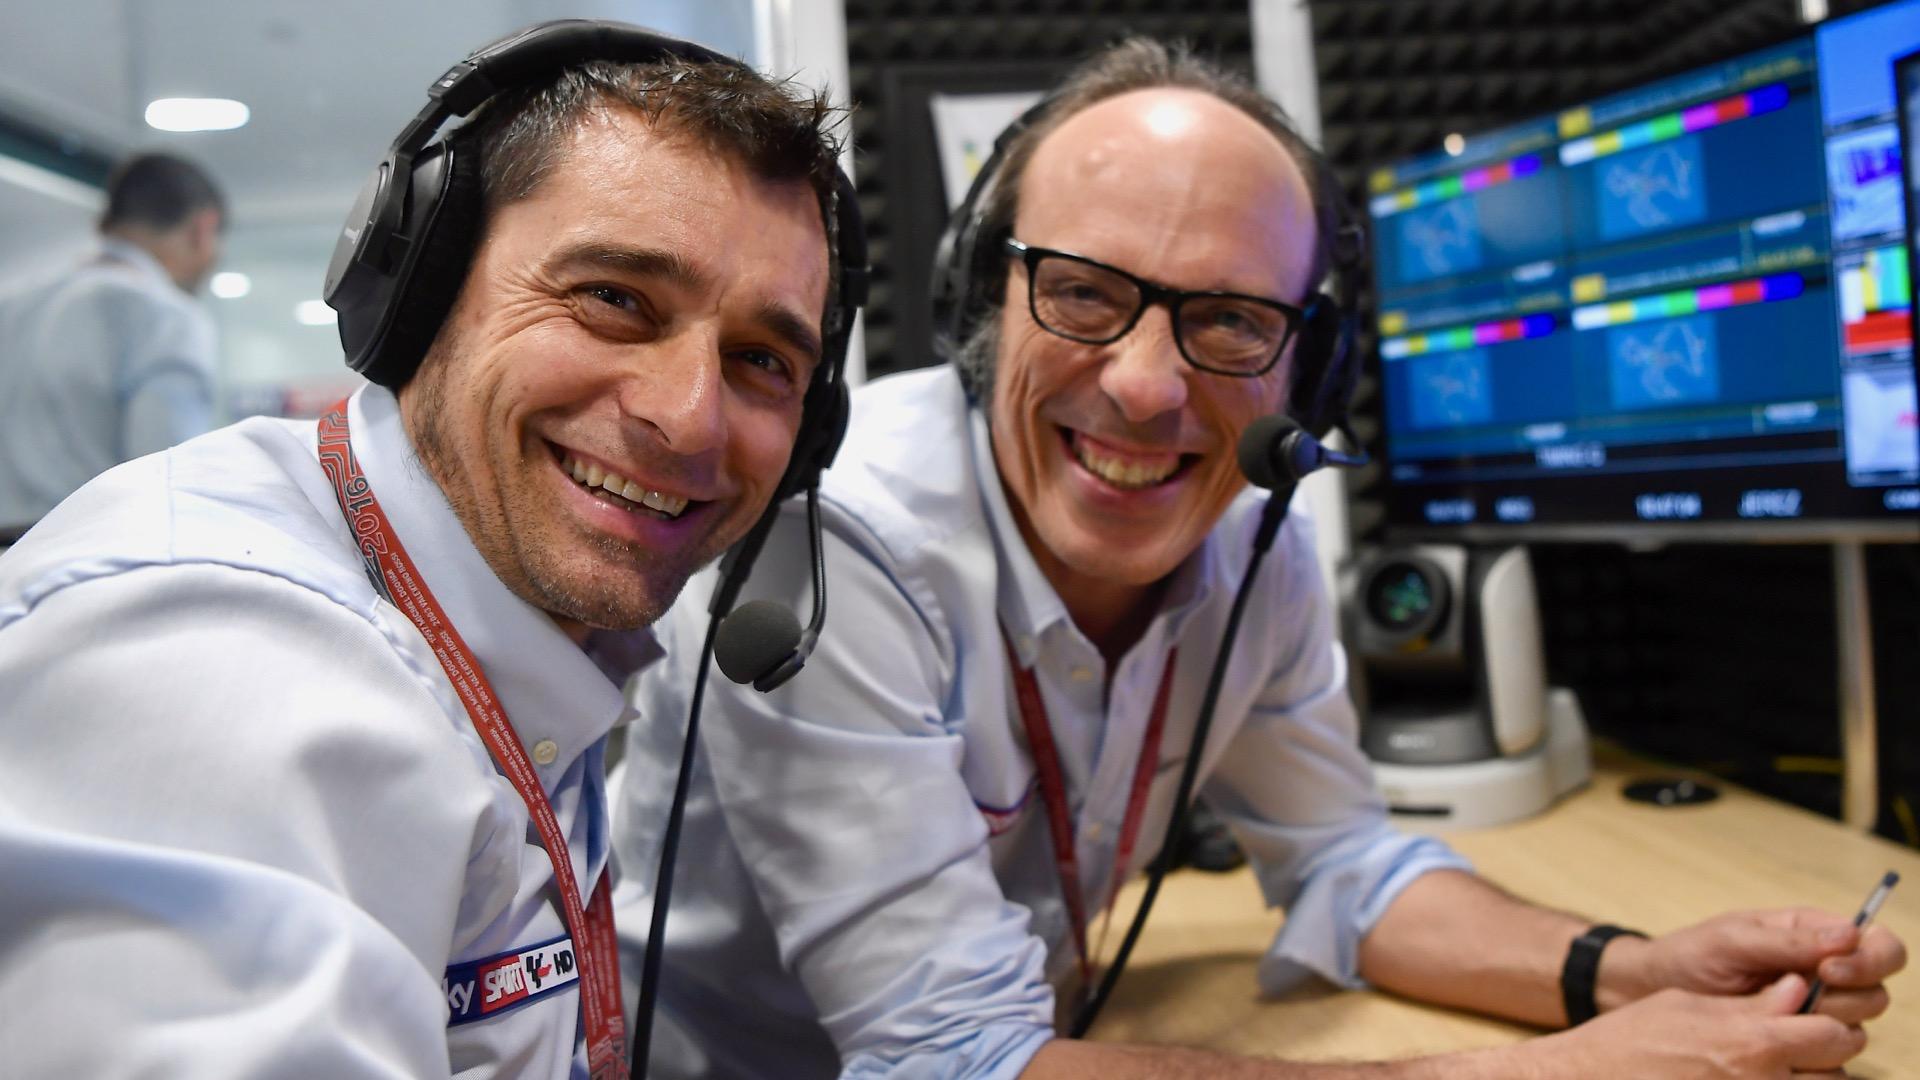 La Romagna, il circuito di Misano, la Motor Valley: intervista esclusiva con Mauro Sanchini.